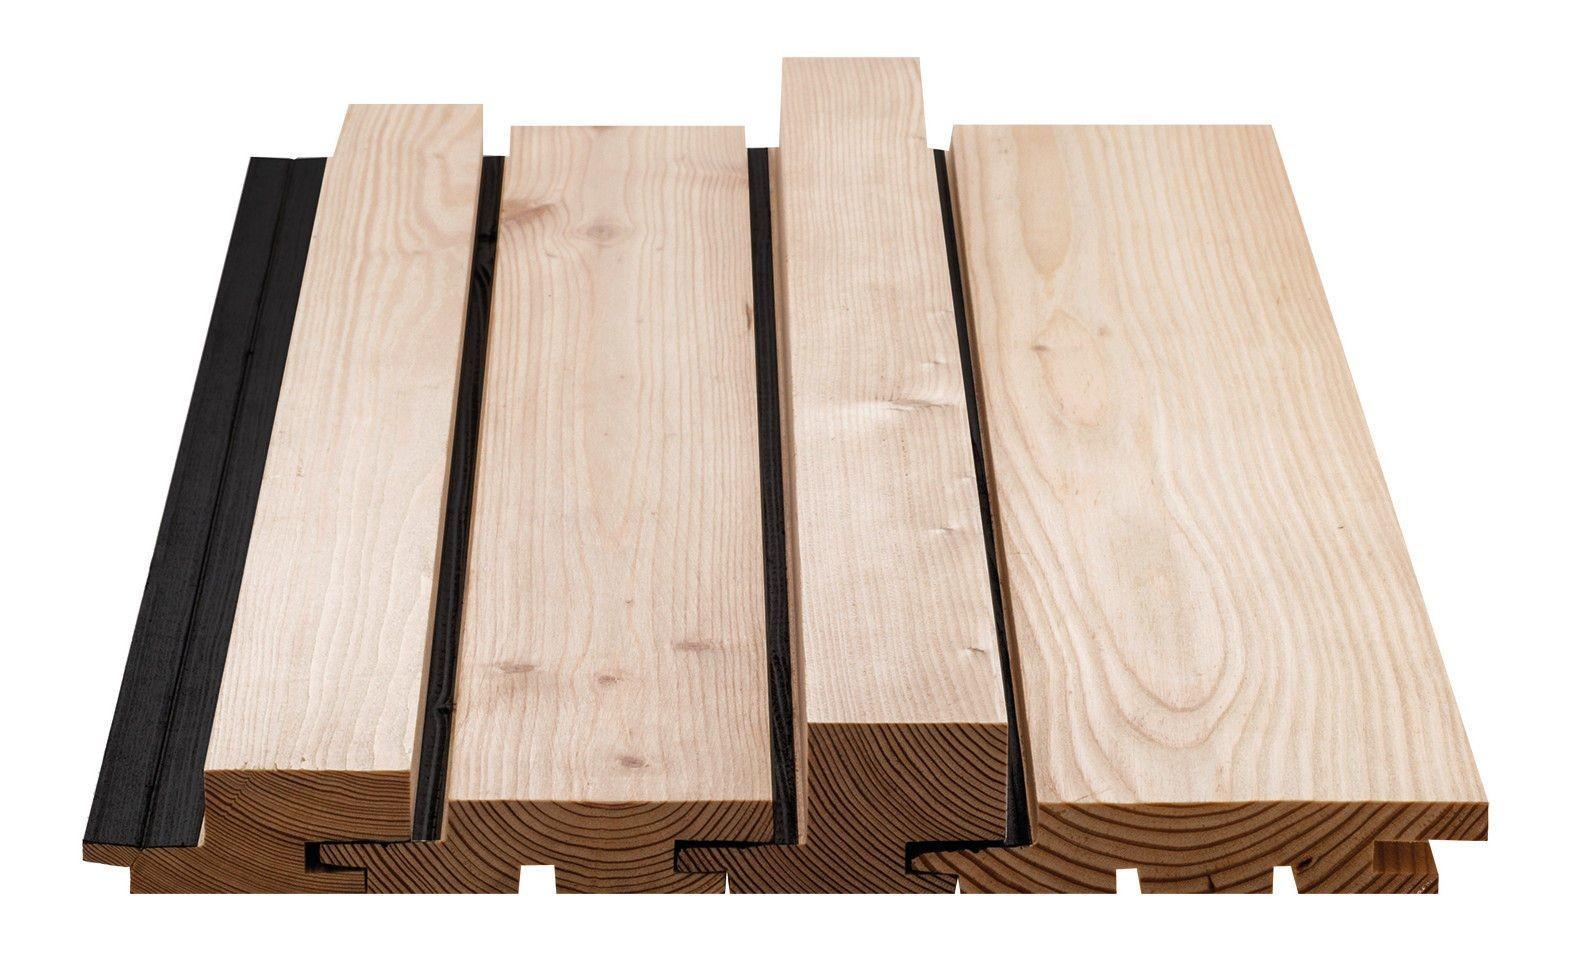 fassadensystem aus l rchen profilbrettern fassade news produkte baunetz wissen. Black Bedroom Furniture Sets. Home Design Ideas